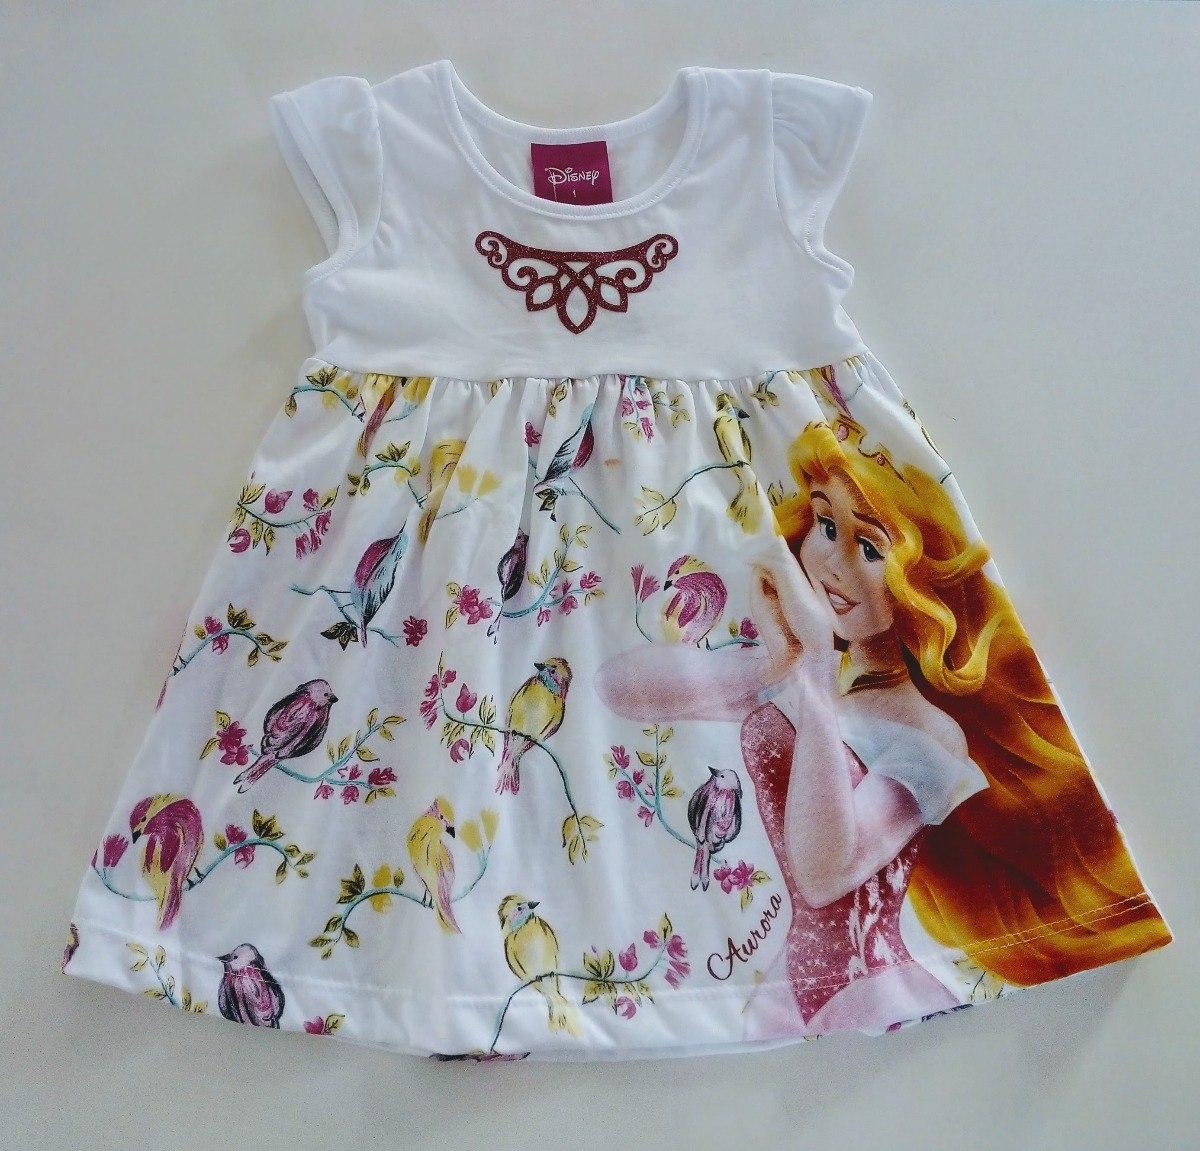 e24fe3a917bf22 Vestido Infantil Princesa Menina Brandili Branco Liquidação